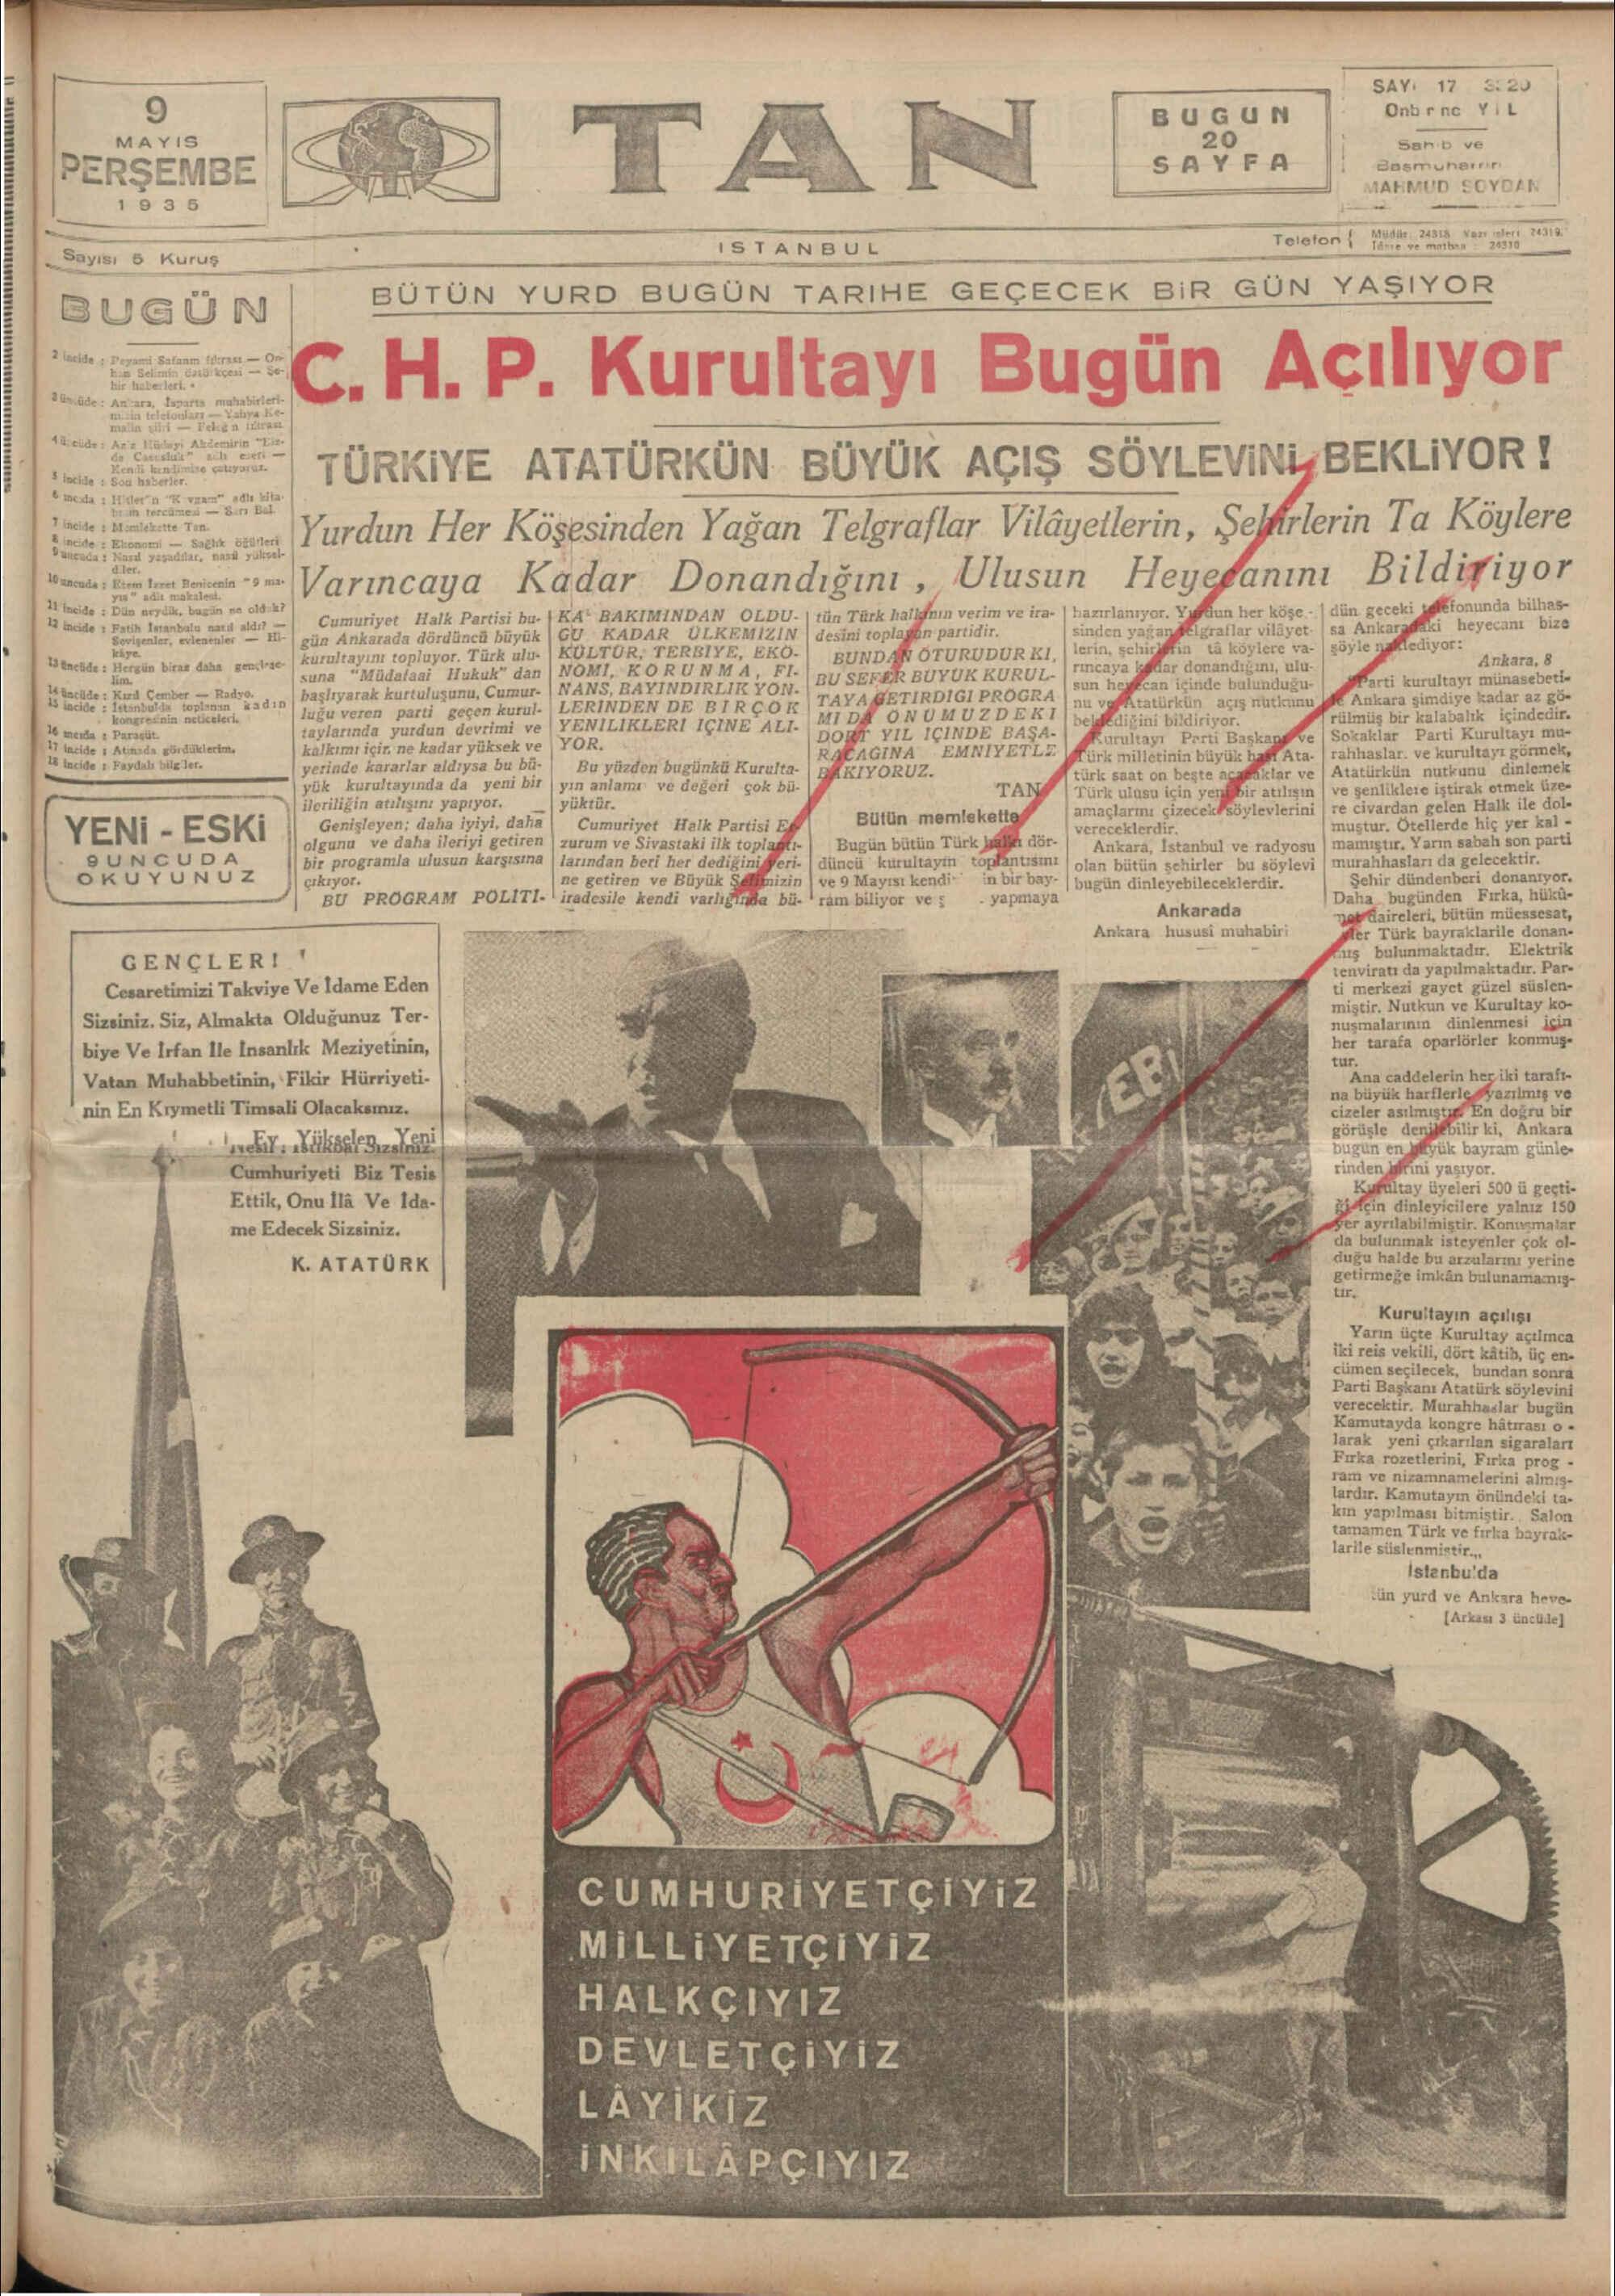 9 Mayıs 1935 Tarihli Tan Gazetesi Sayfa 1